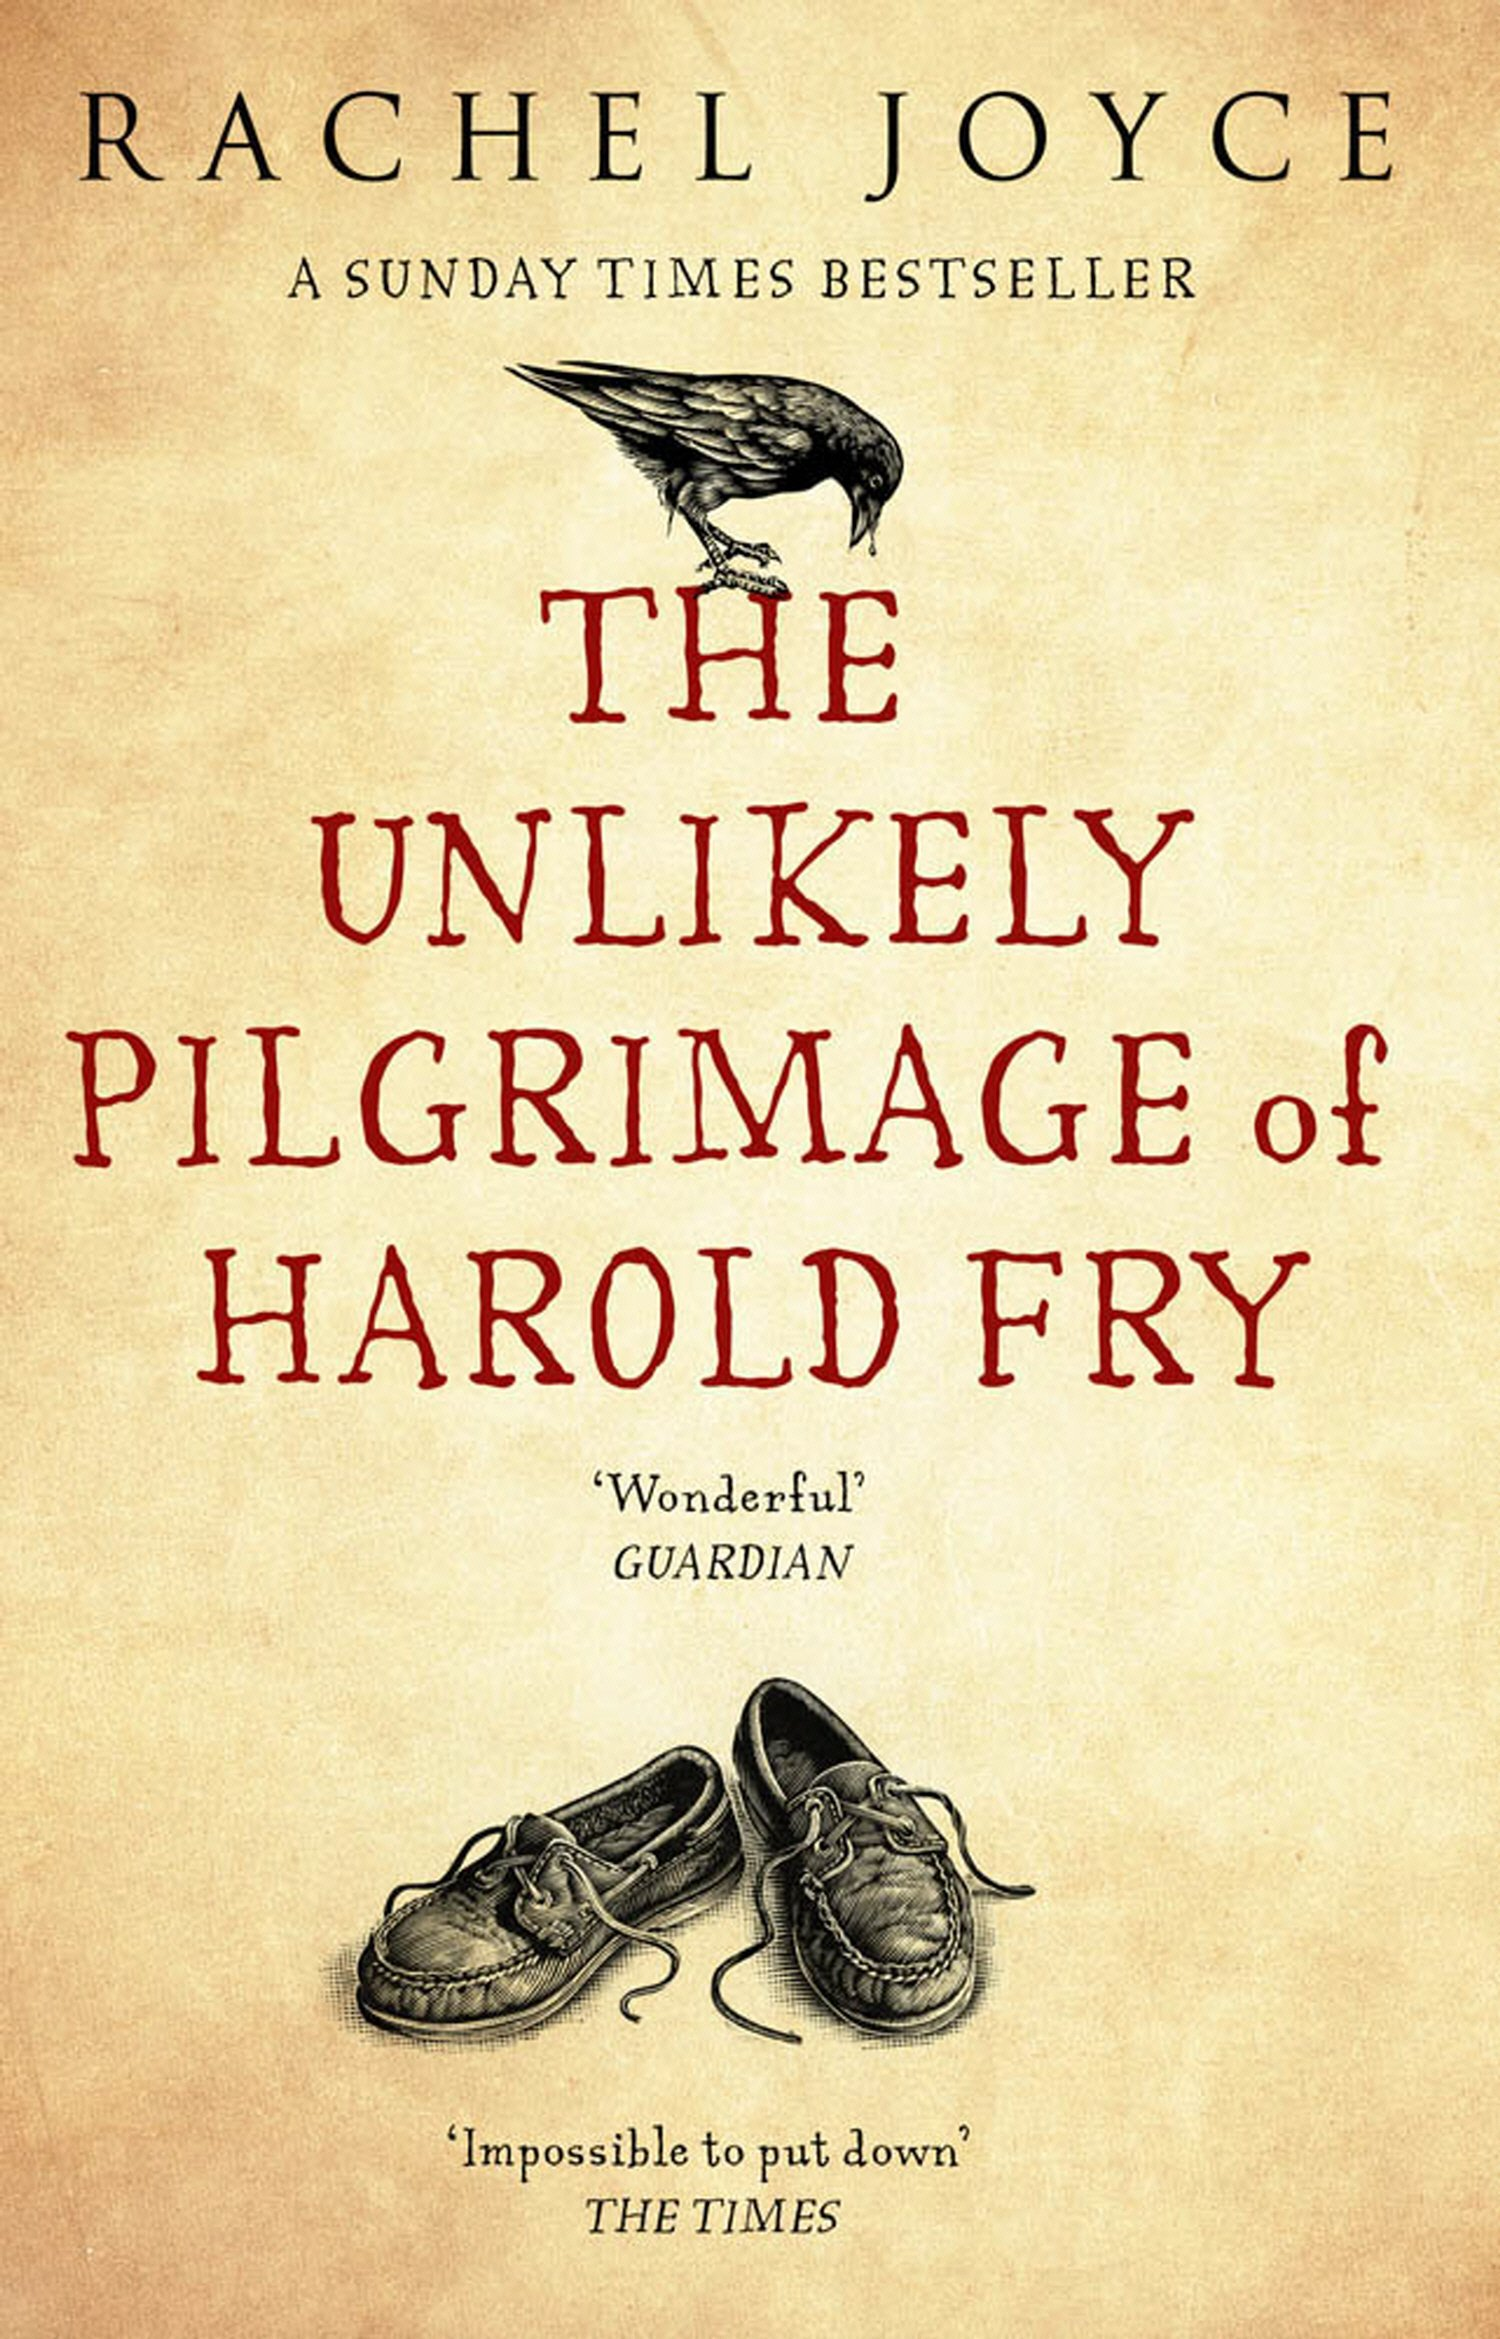 Amazon.com: the unlikely pilgrimage of harold fry. rachel joyce: 9780552778091: Joyce, Rachel: Books